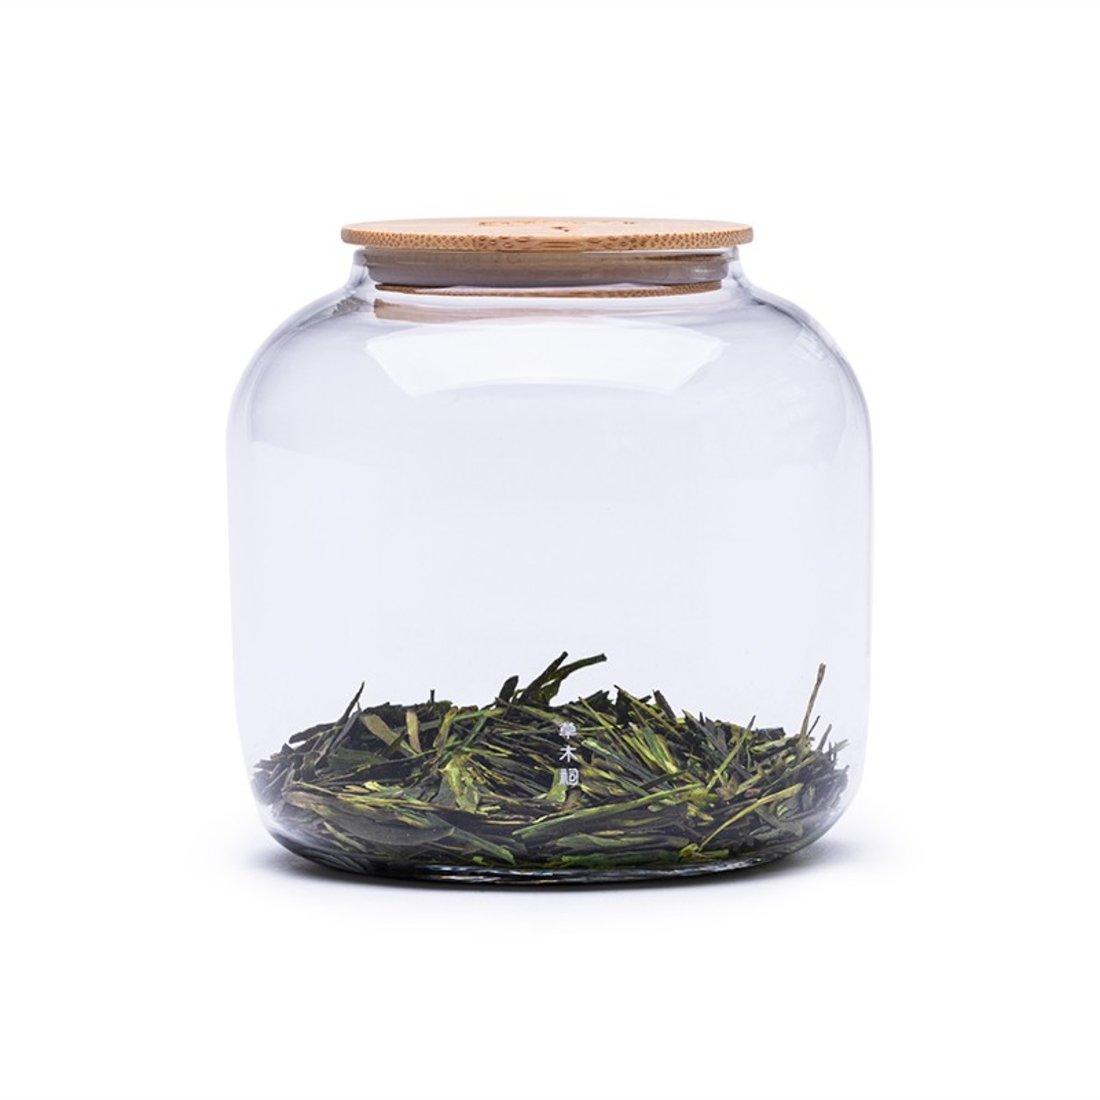 「茶叶罐」大号透明玻璃收纳罐